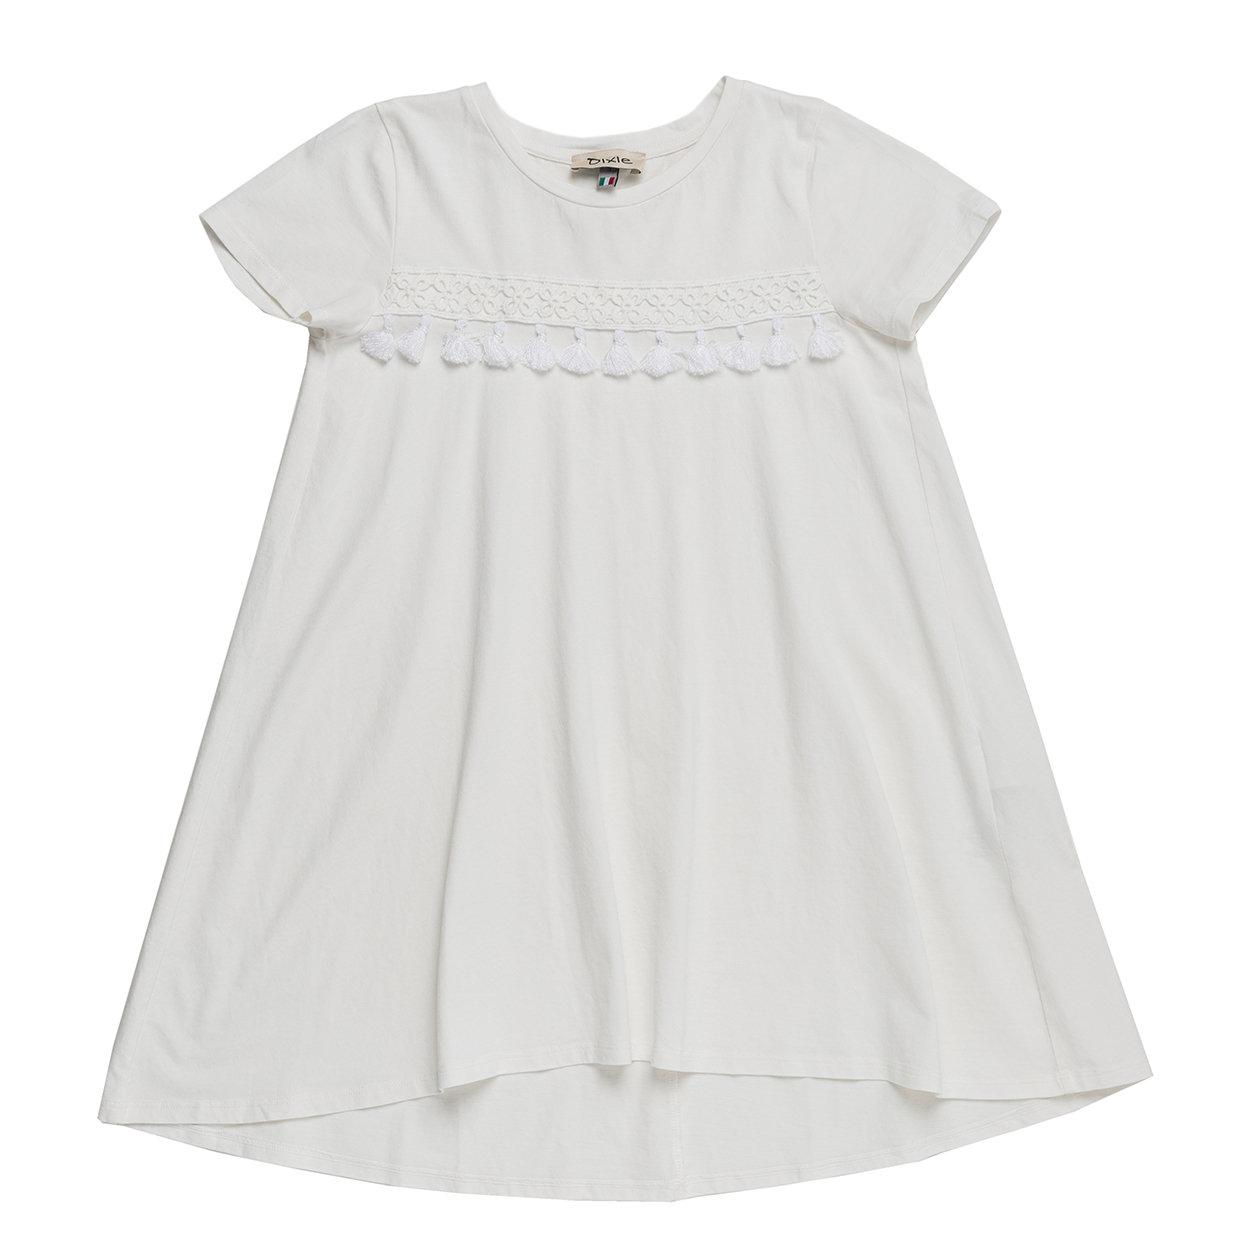 Image of Abito bianco con maniche corte, girocollo, applicazione con nappine davanti